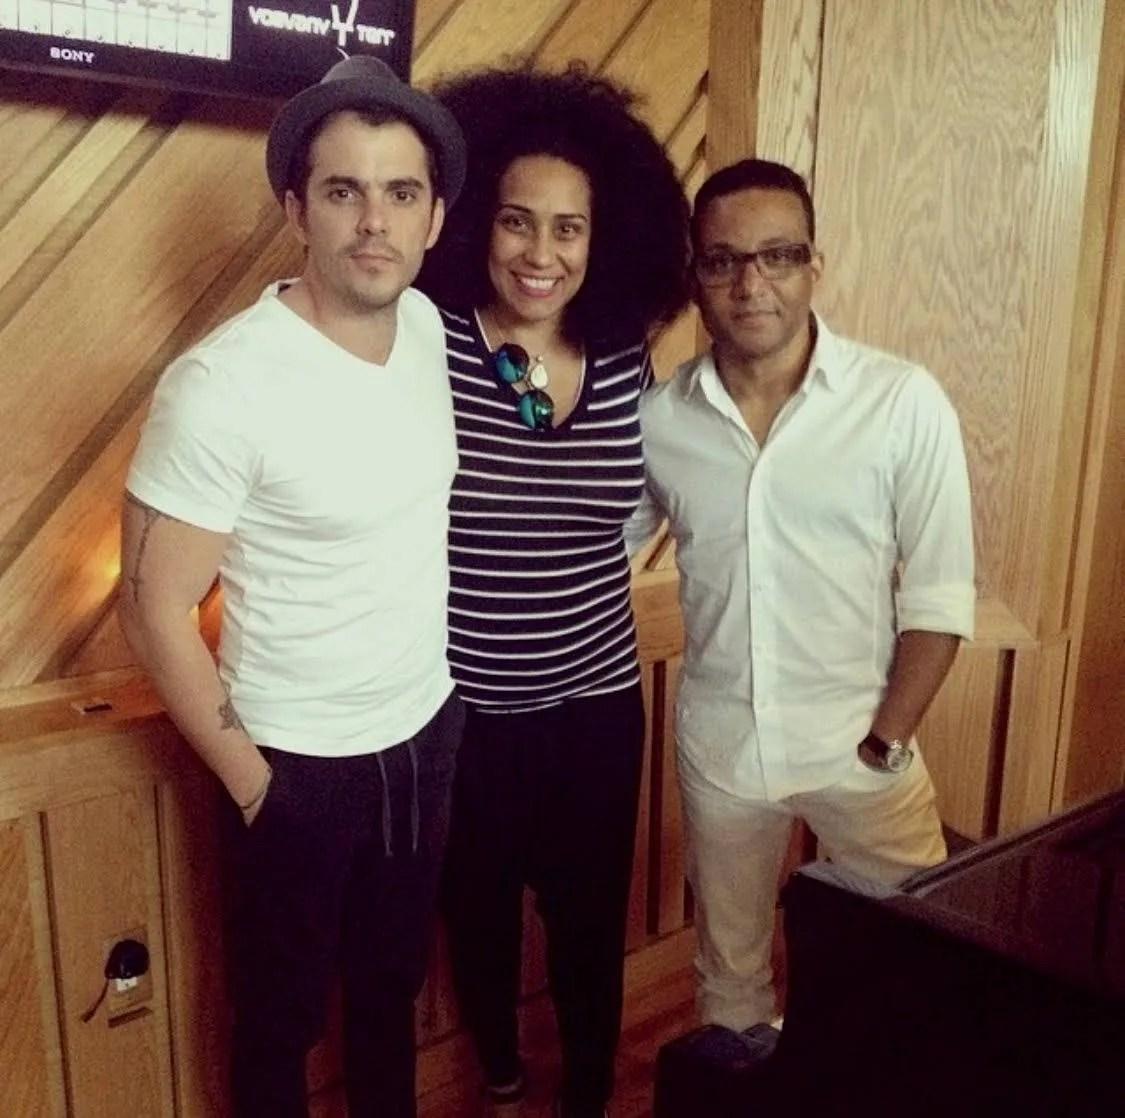 Pututi junto a Aymée Nuviola y Gonzalo Rubalcaba. Foto: Cortesía del entrevistado.